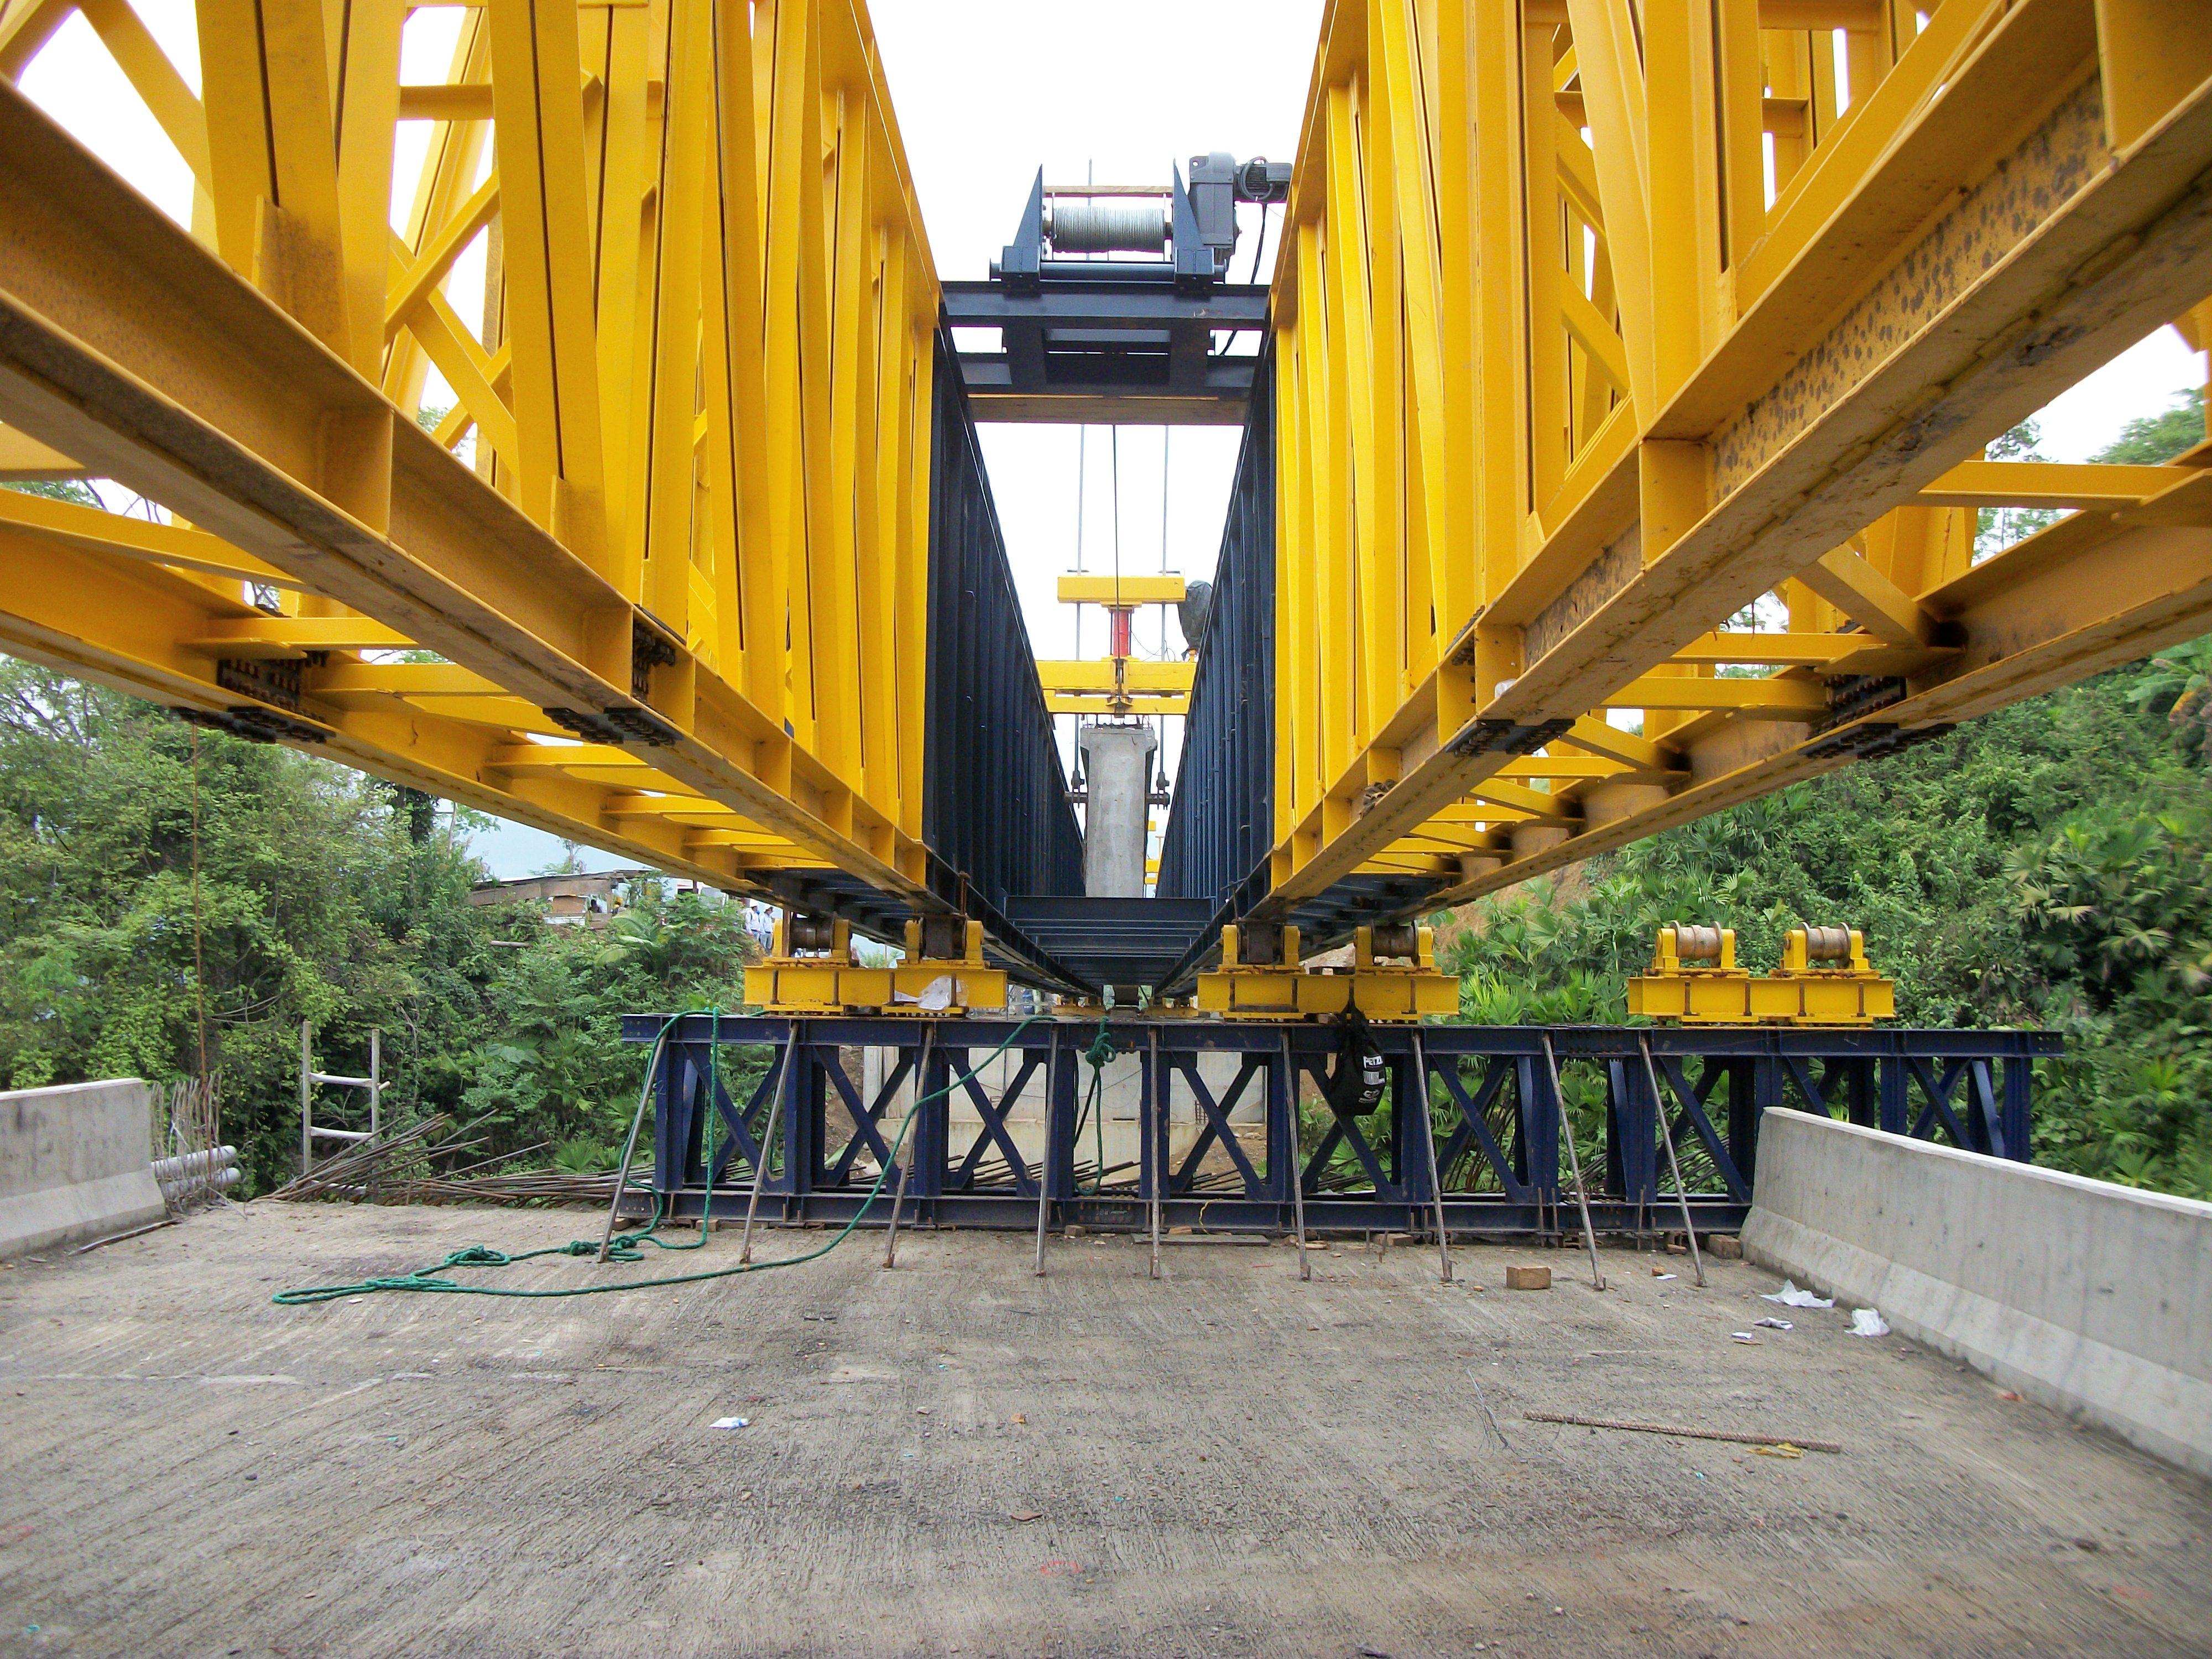 estructura metalica de puente